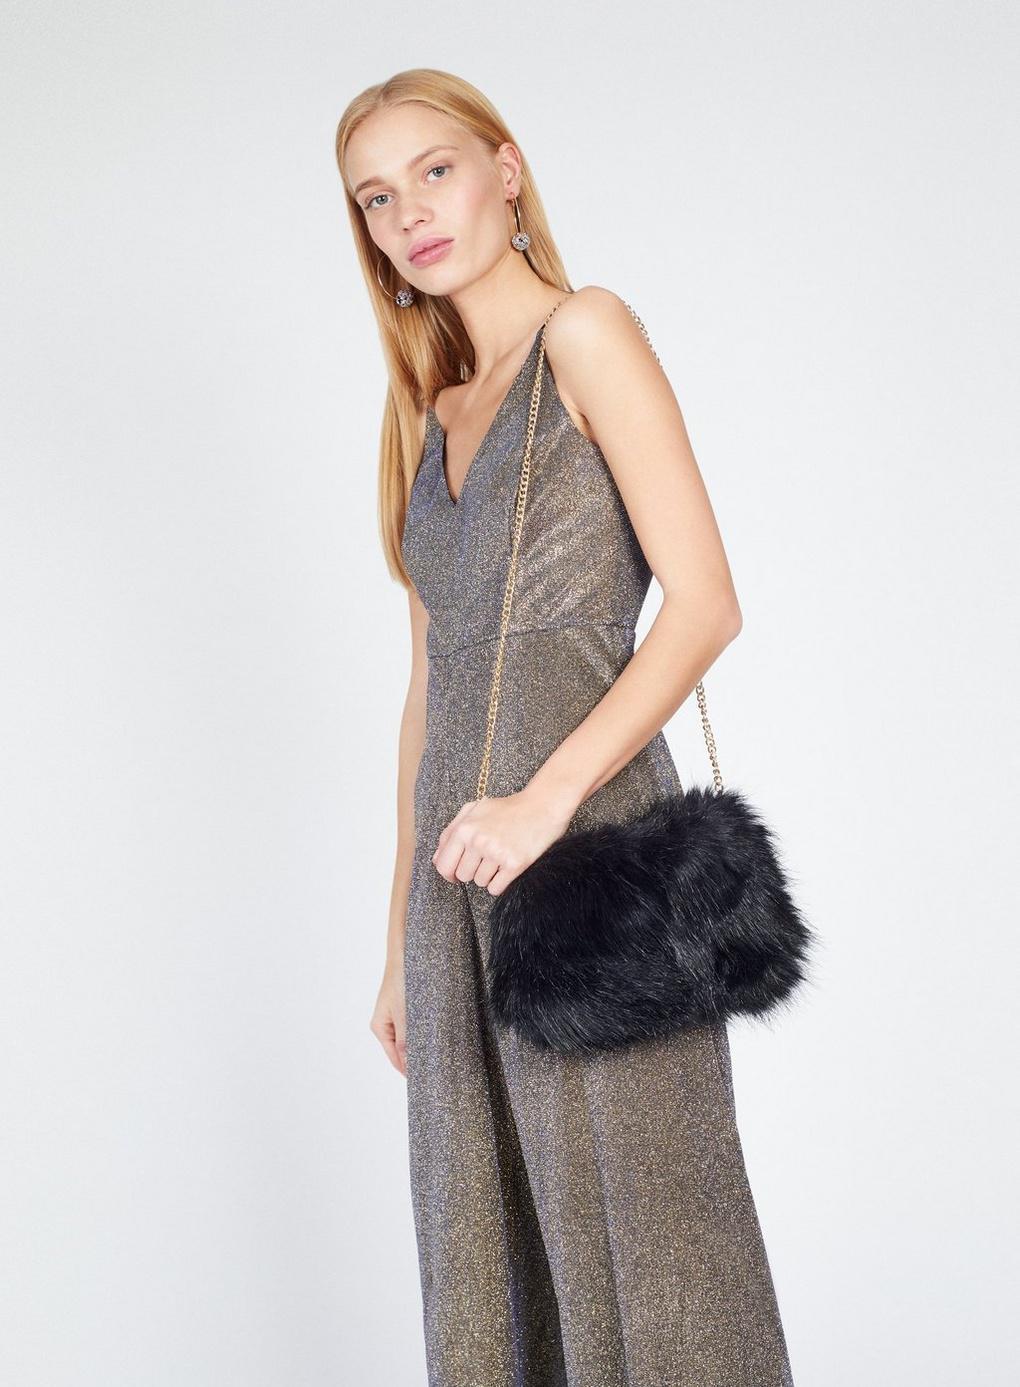 b2faa8e1339f Lyst - Miss Selfridge Black Faux Fur Cross Body Bag in Black